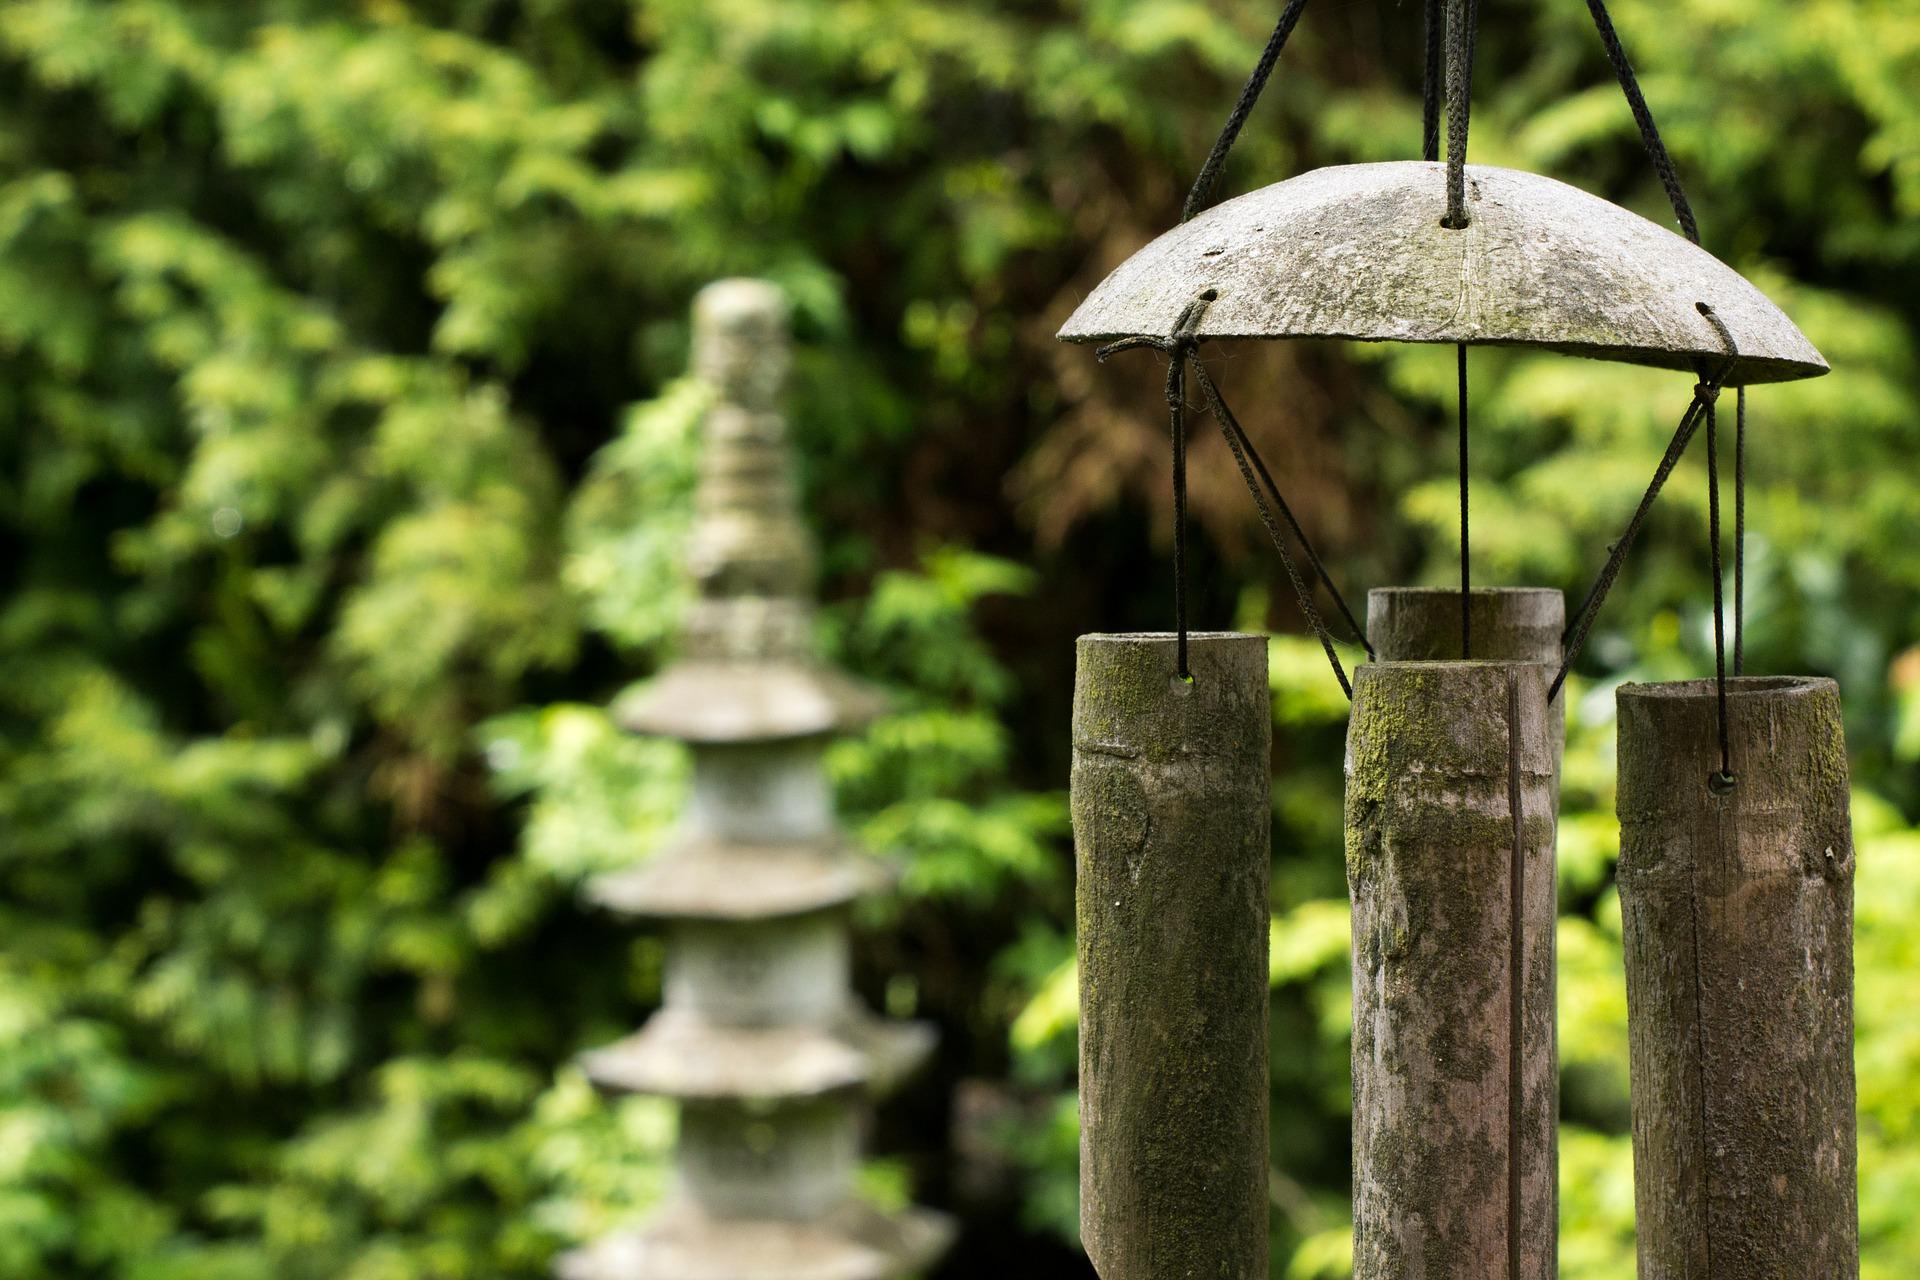 feng-shui-167813_1920.jpg